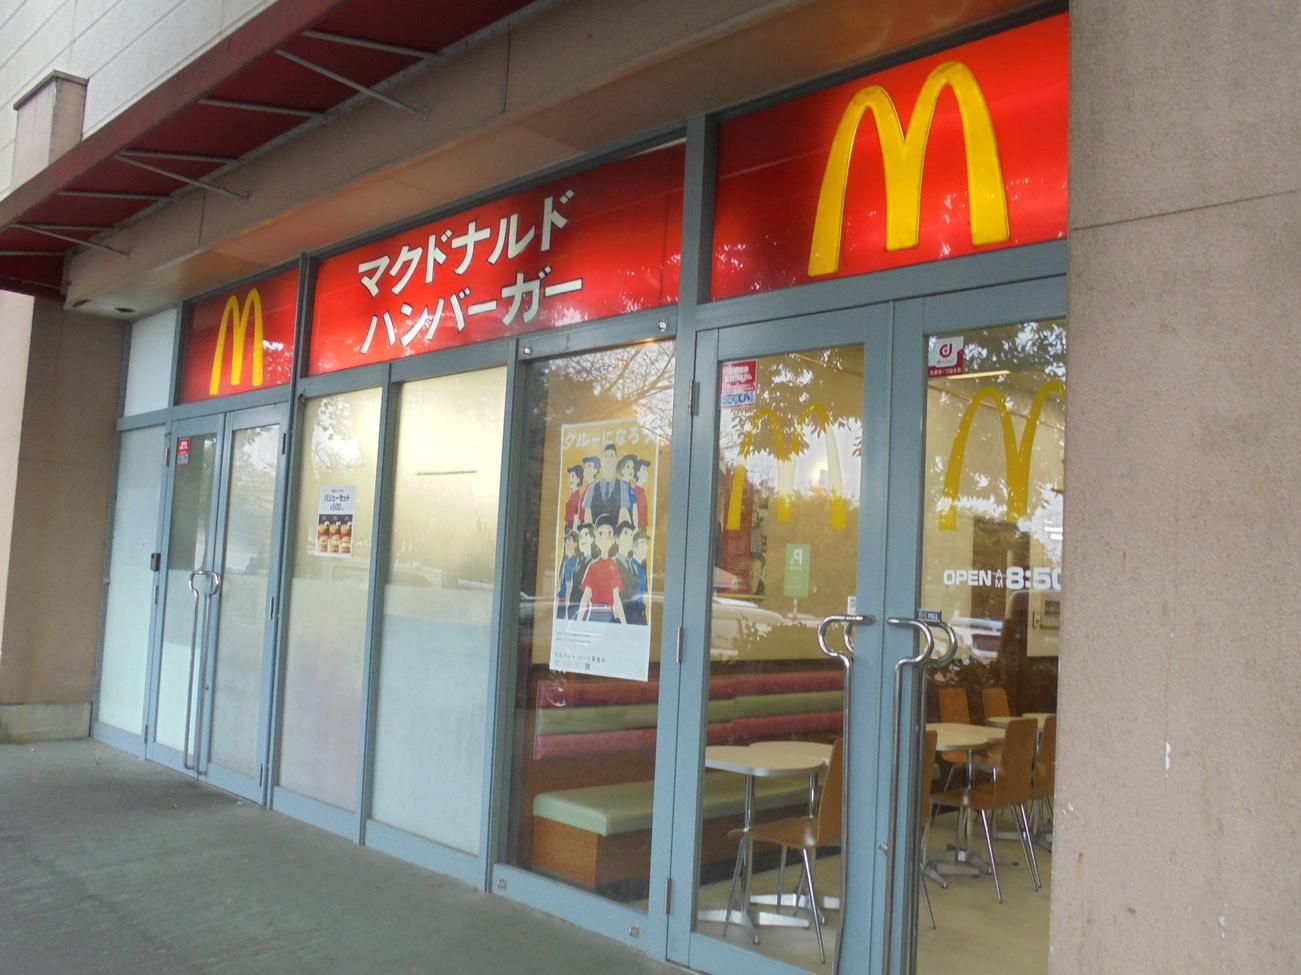 マクドナルド イオン伊賀上野店